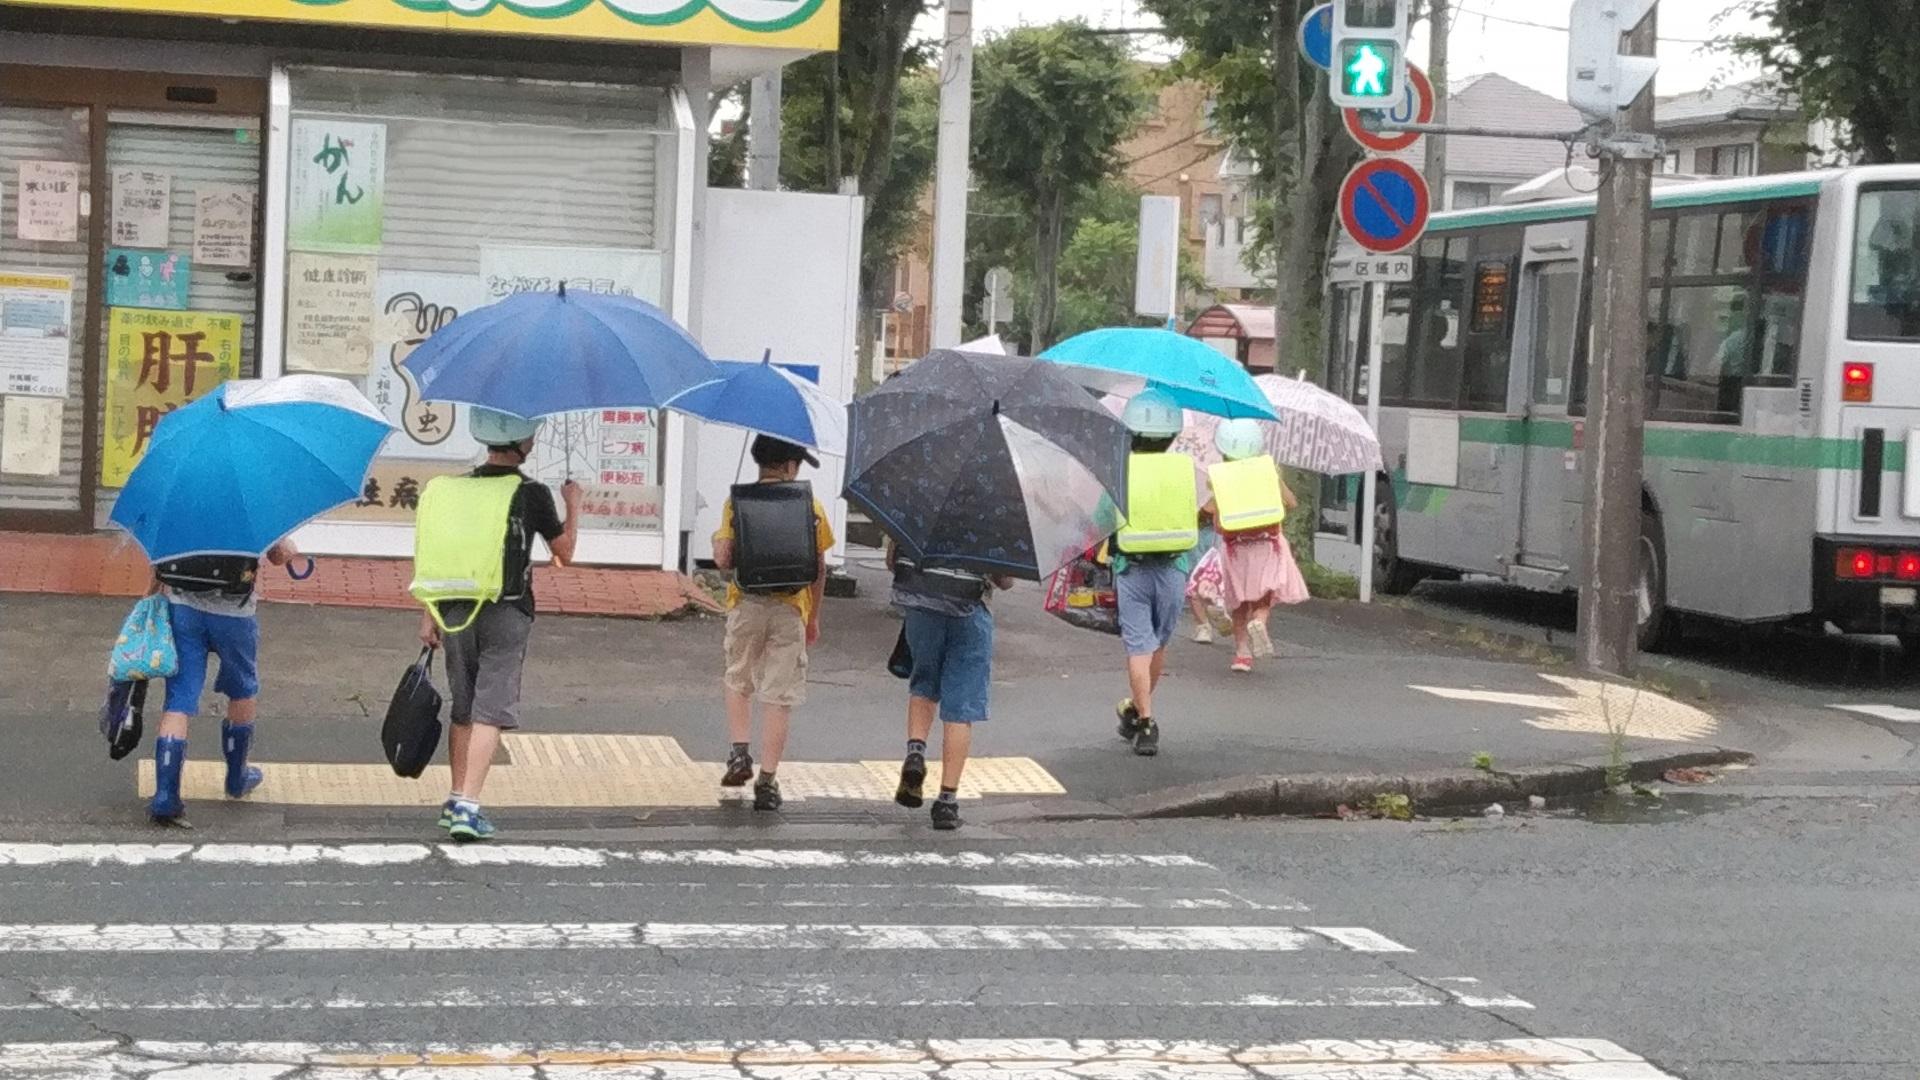 戸田市、ALSOKと連携し、市内300箇所に見守り防犯カメラを設置[ニュース]